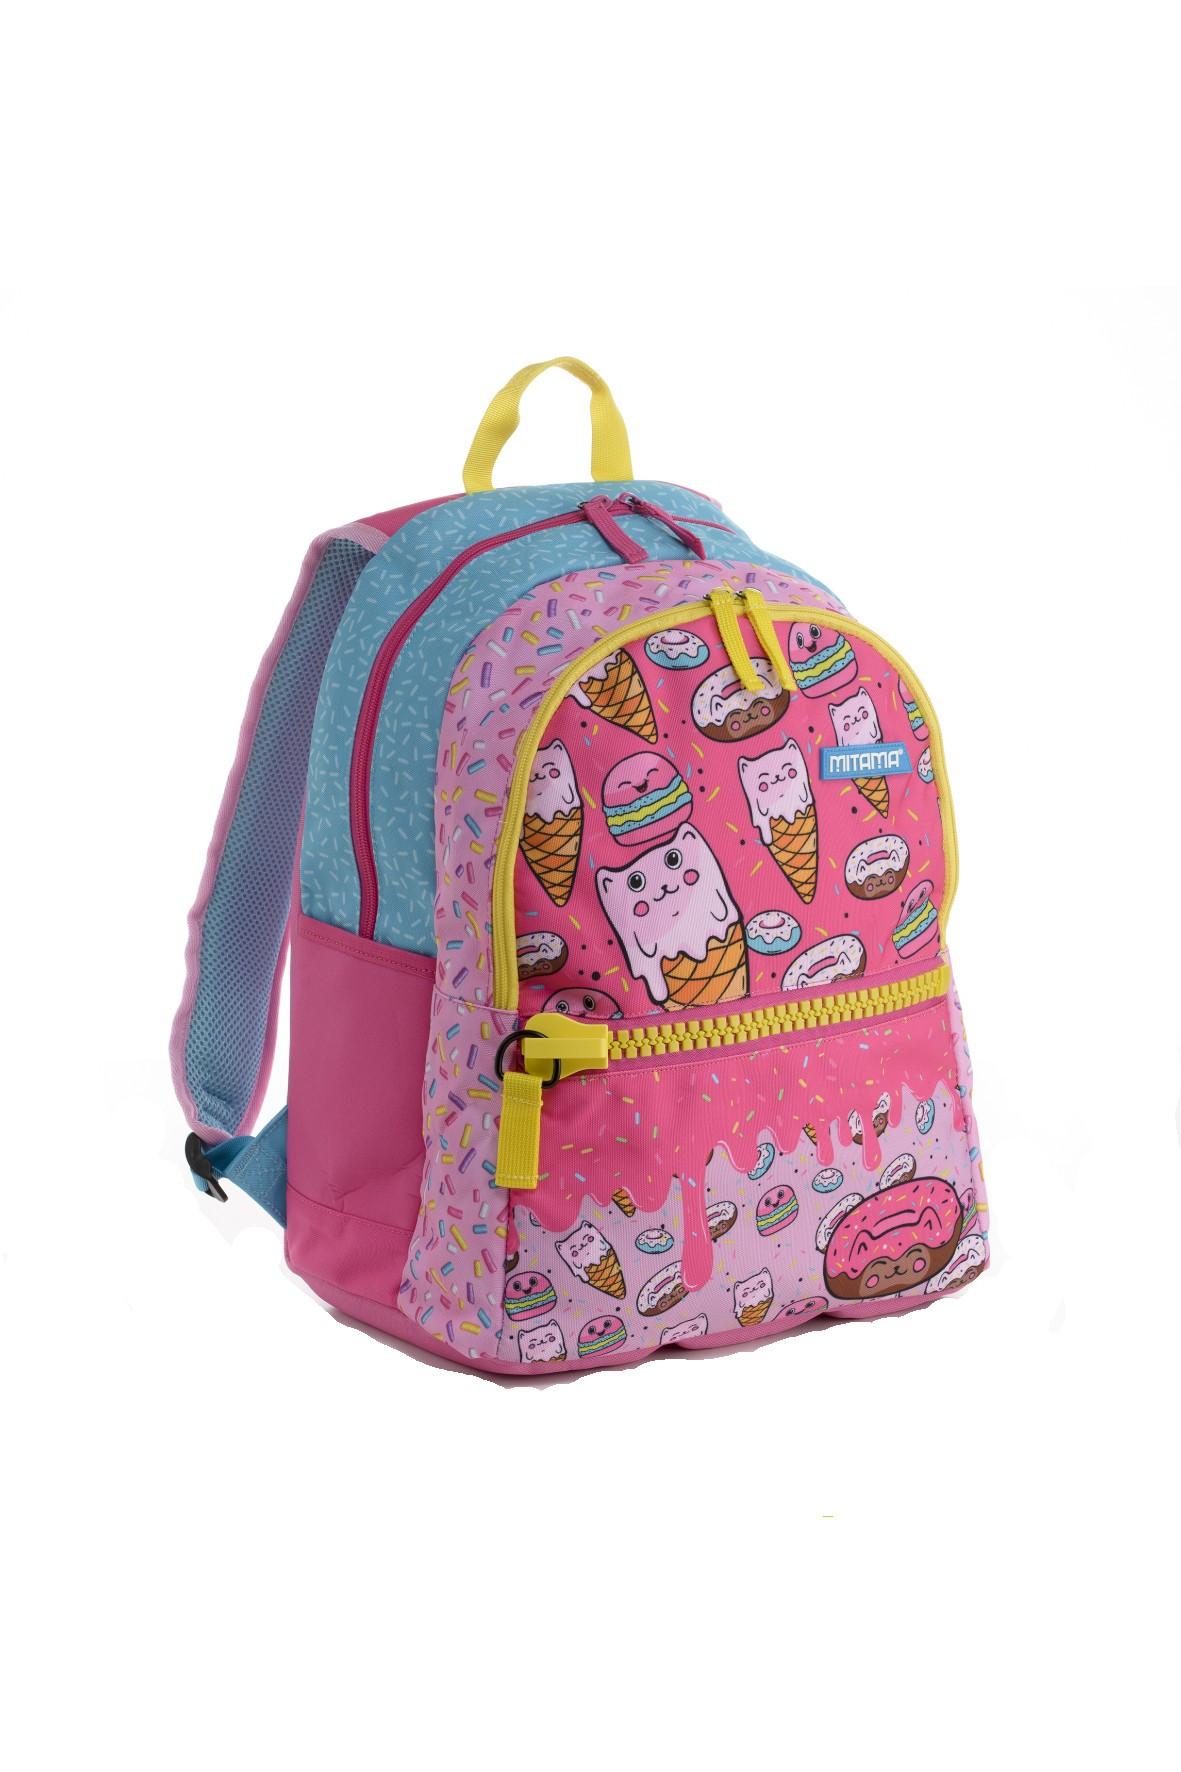 Plecak dziewczęcy szkolny - różowo - niebieski